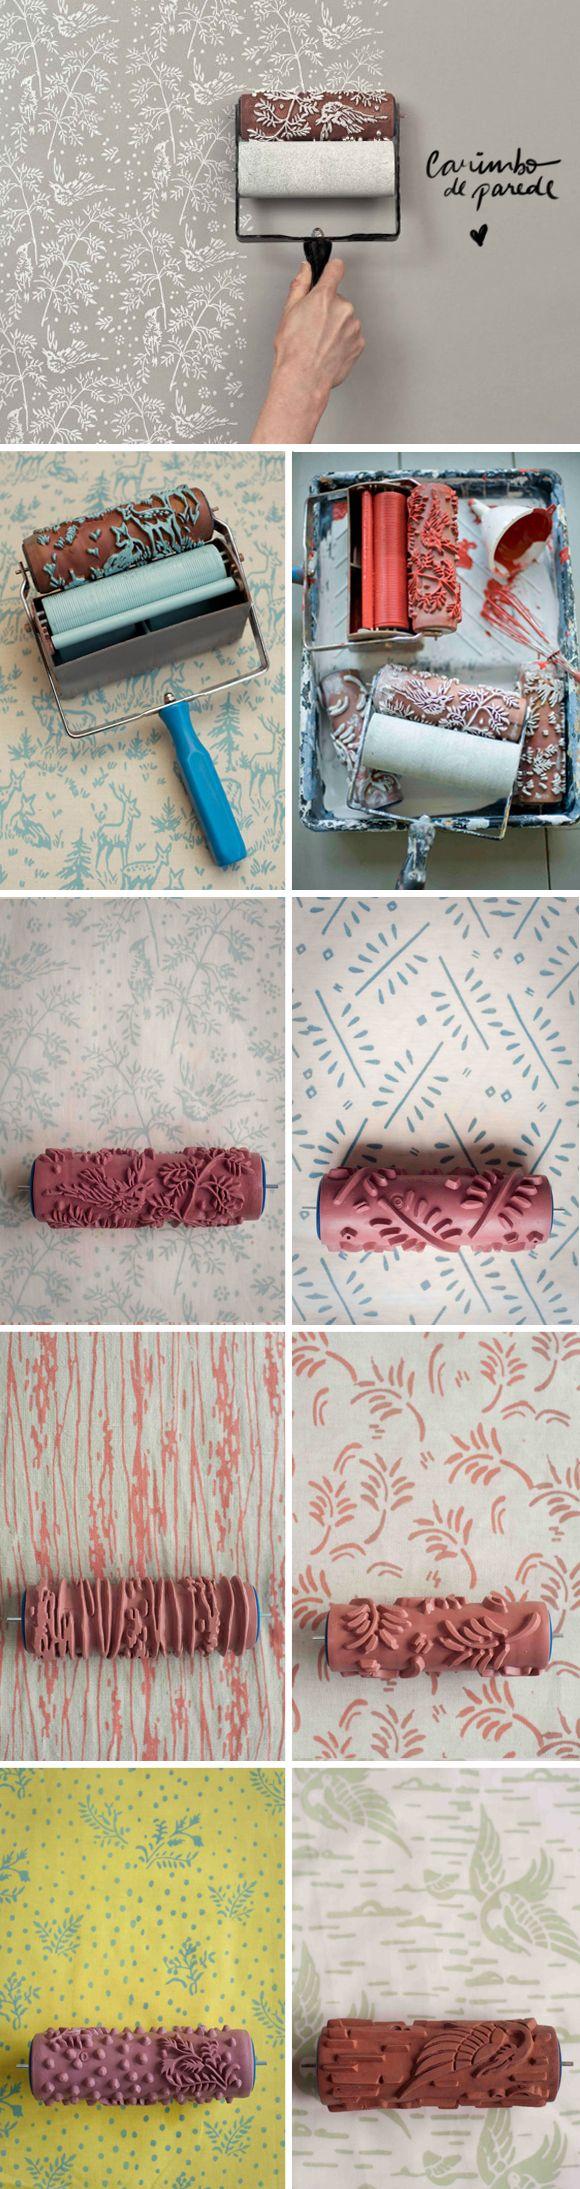 Achados da Bia | Decoração | Carimbo parede | Rolo tinta desenhos